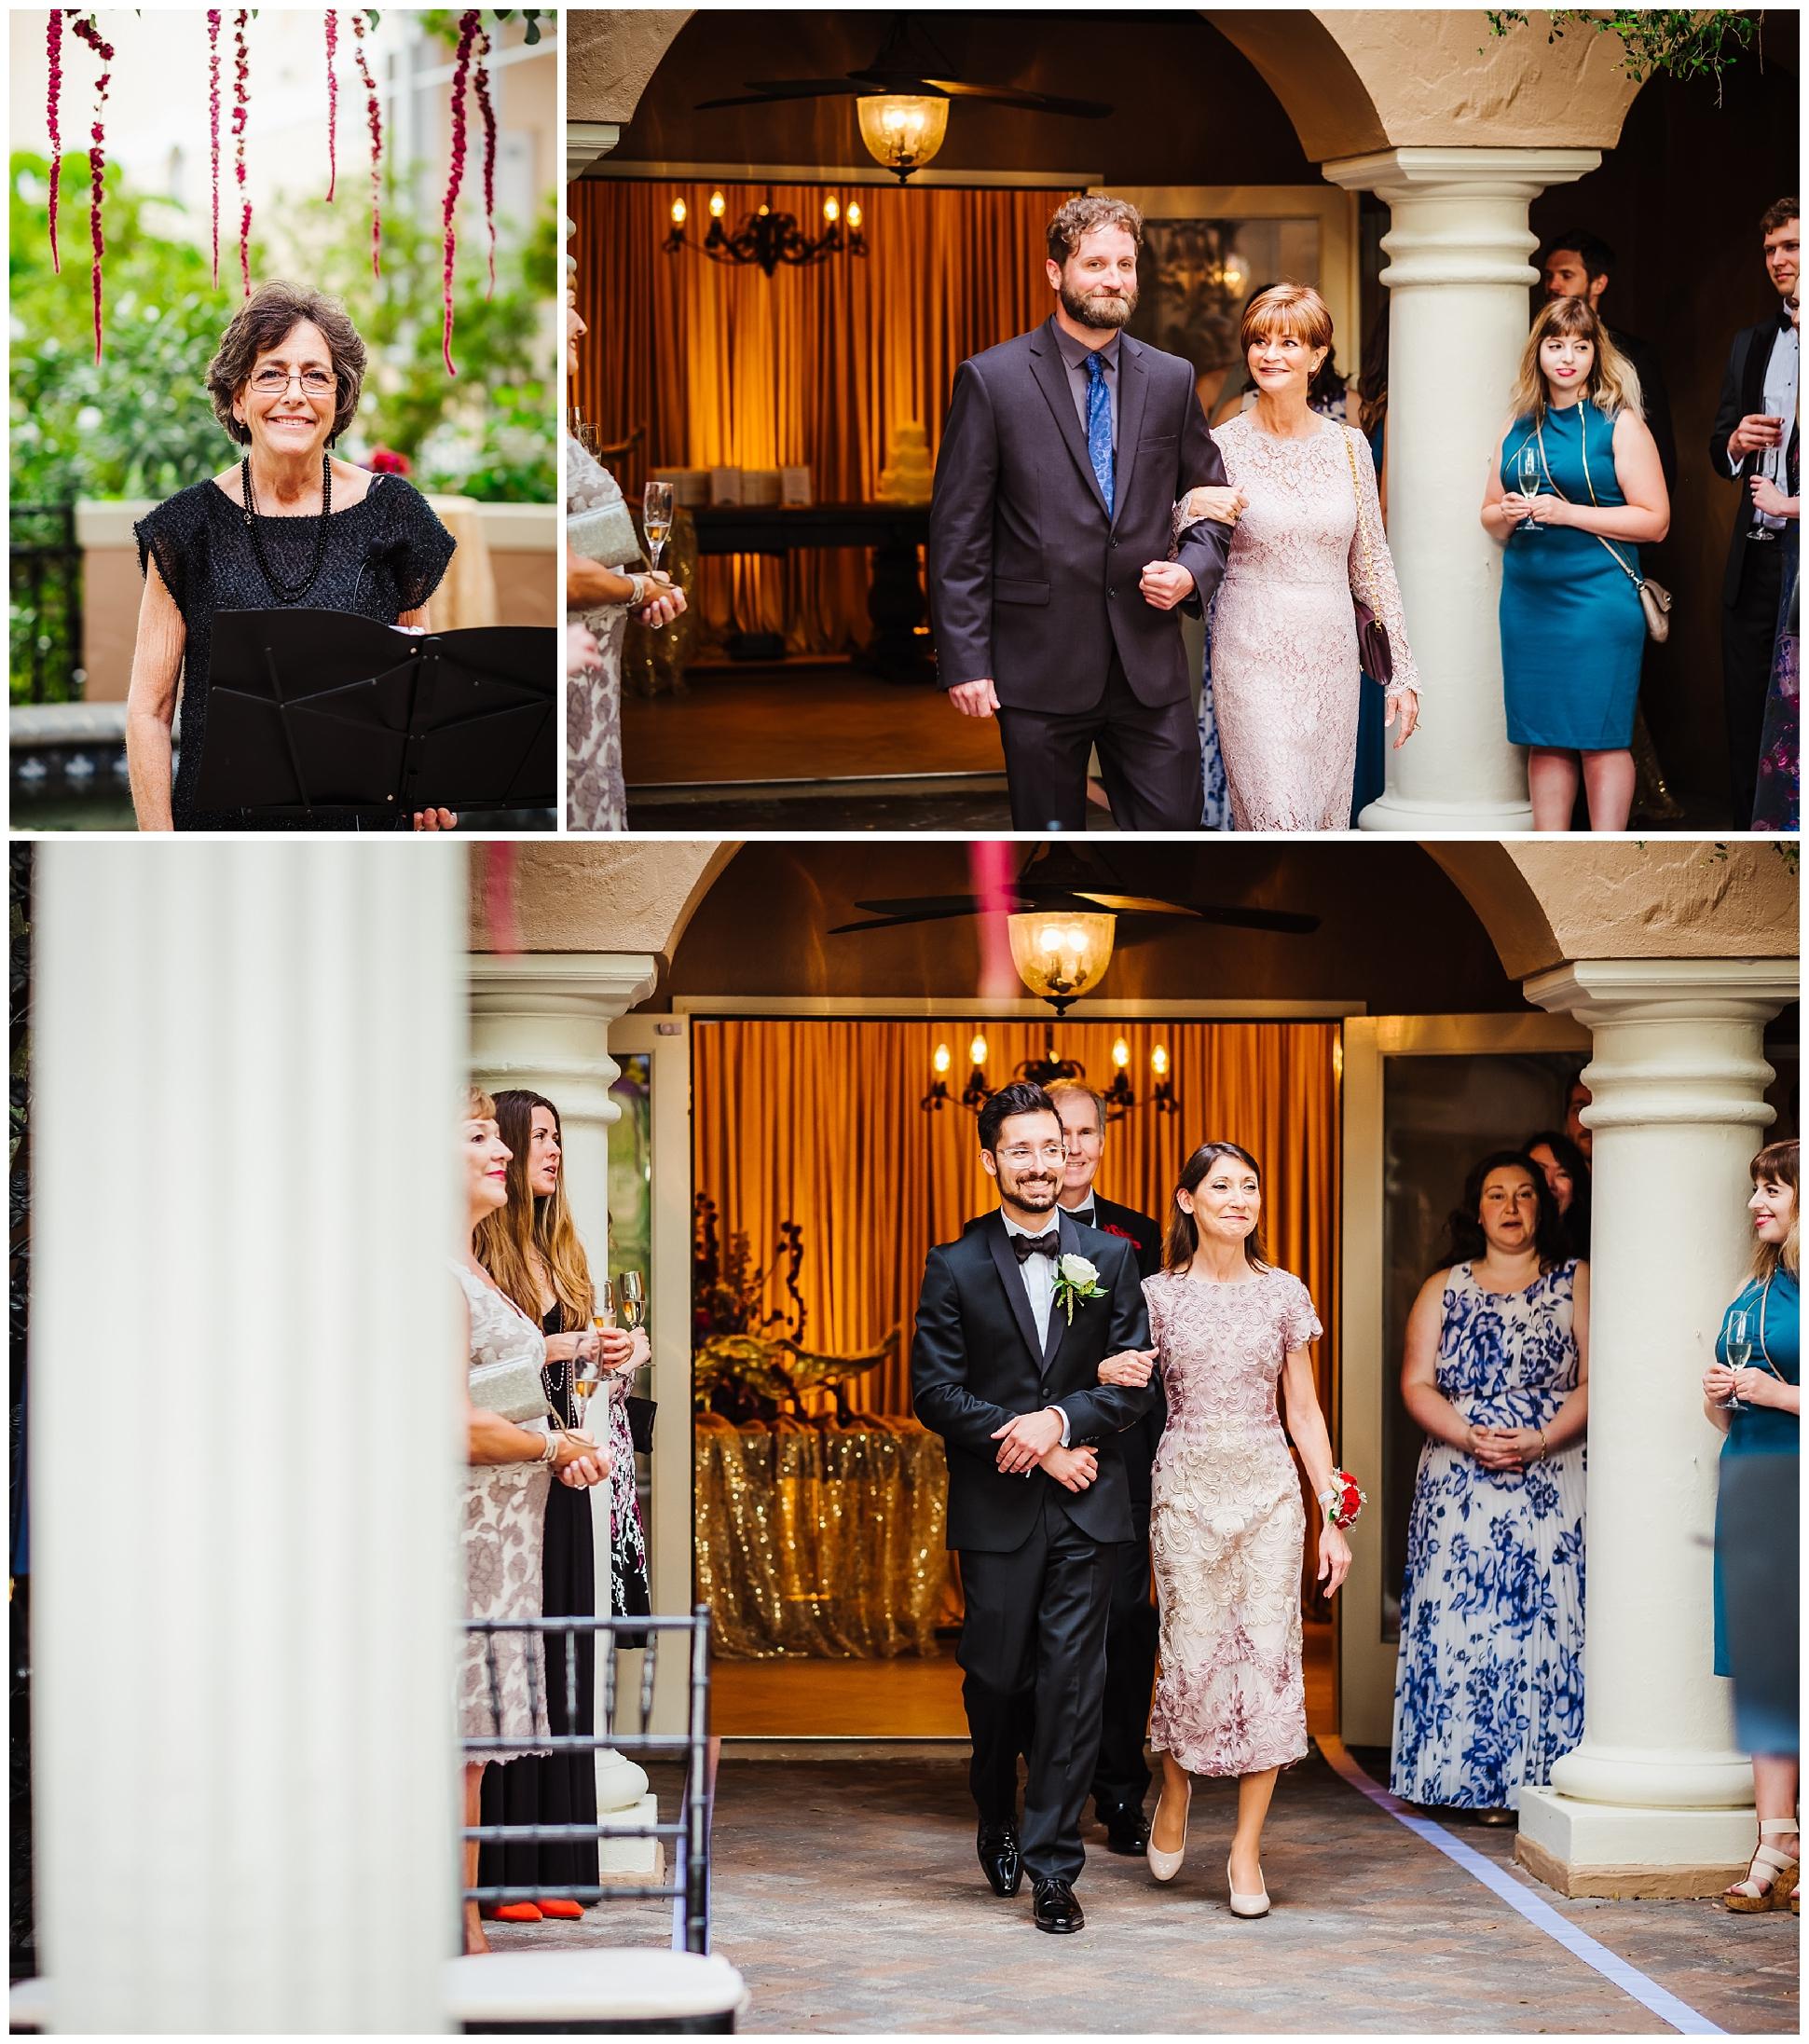 tierra-verde-st-pete-florida-home-luxury-wedding-greenery-pink-pixie-bride_0054.jpg